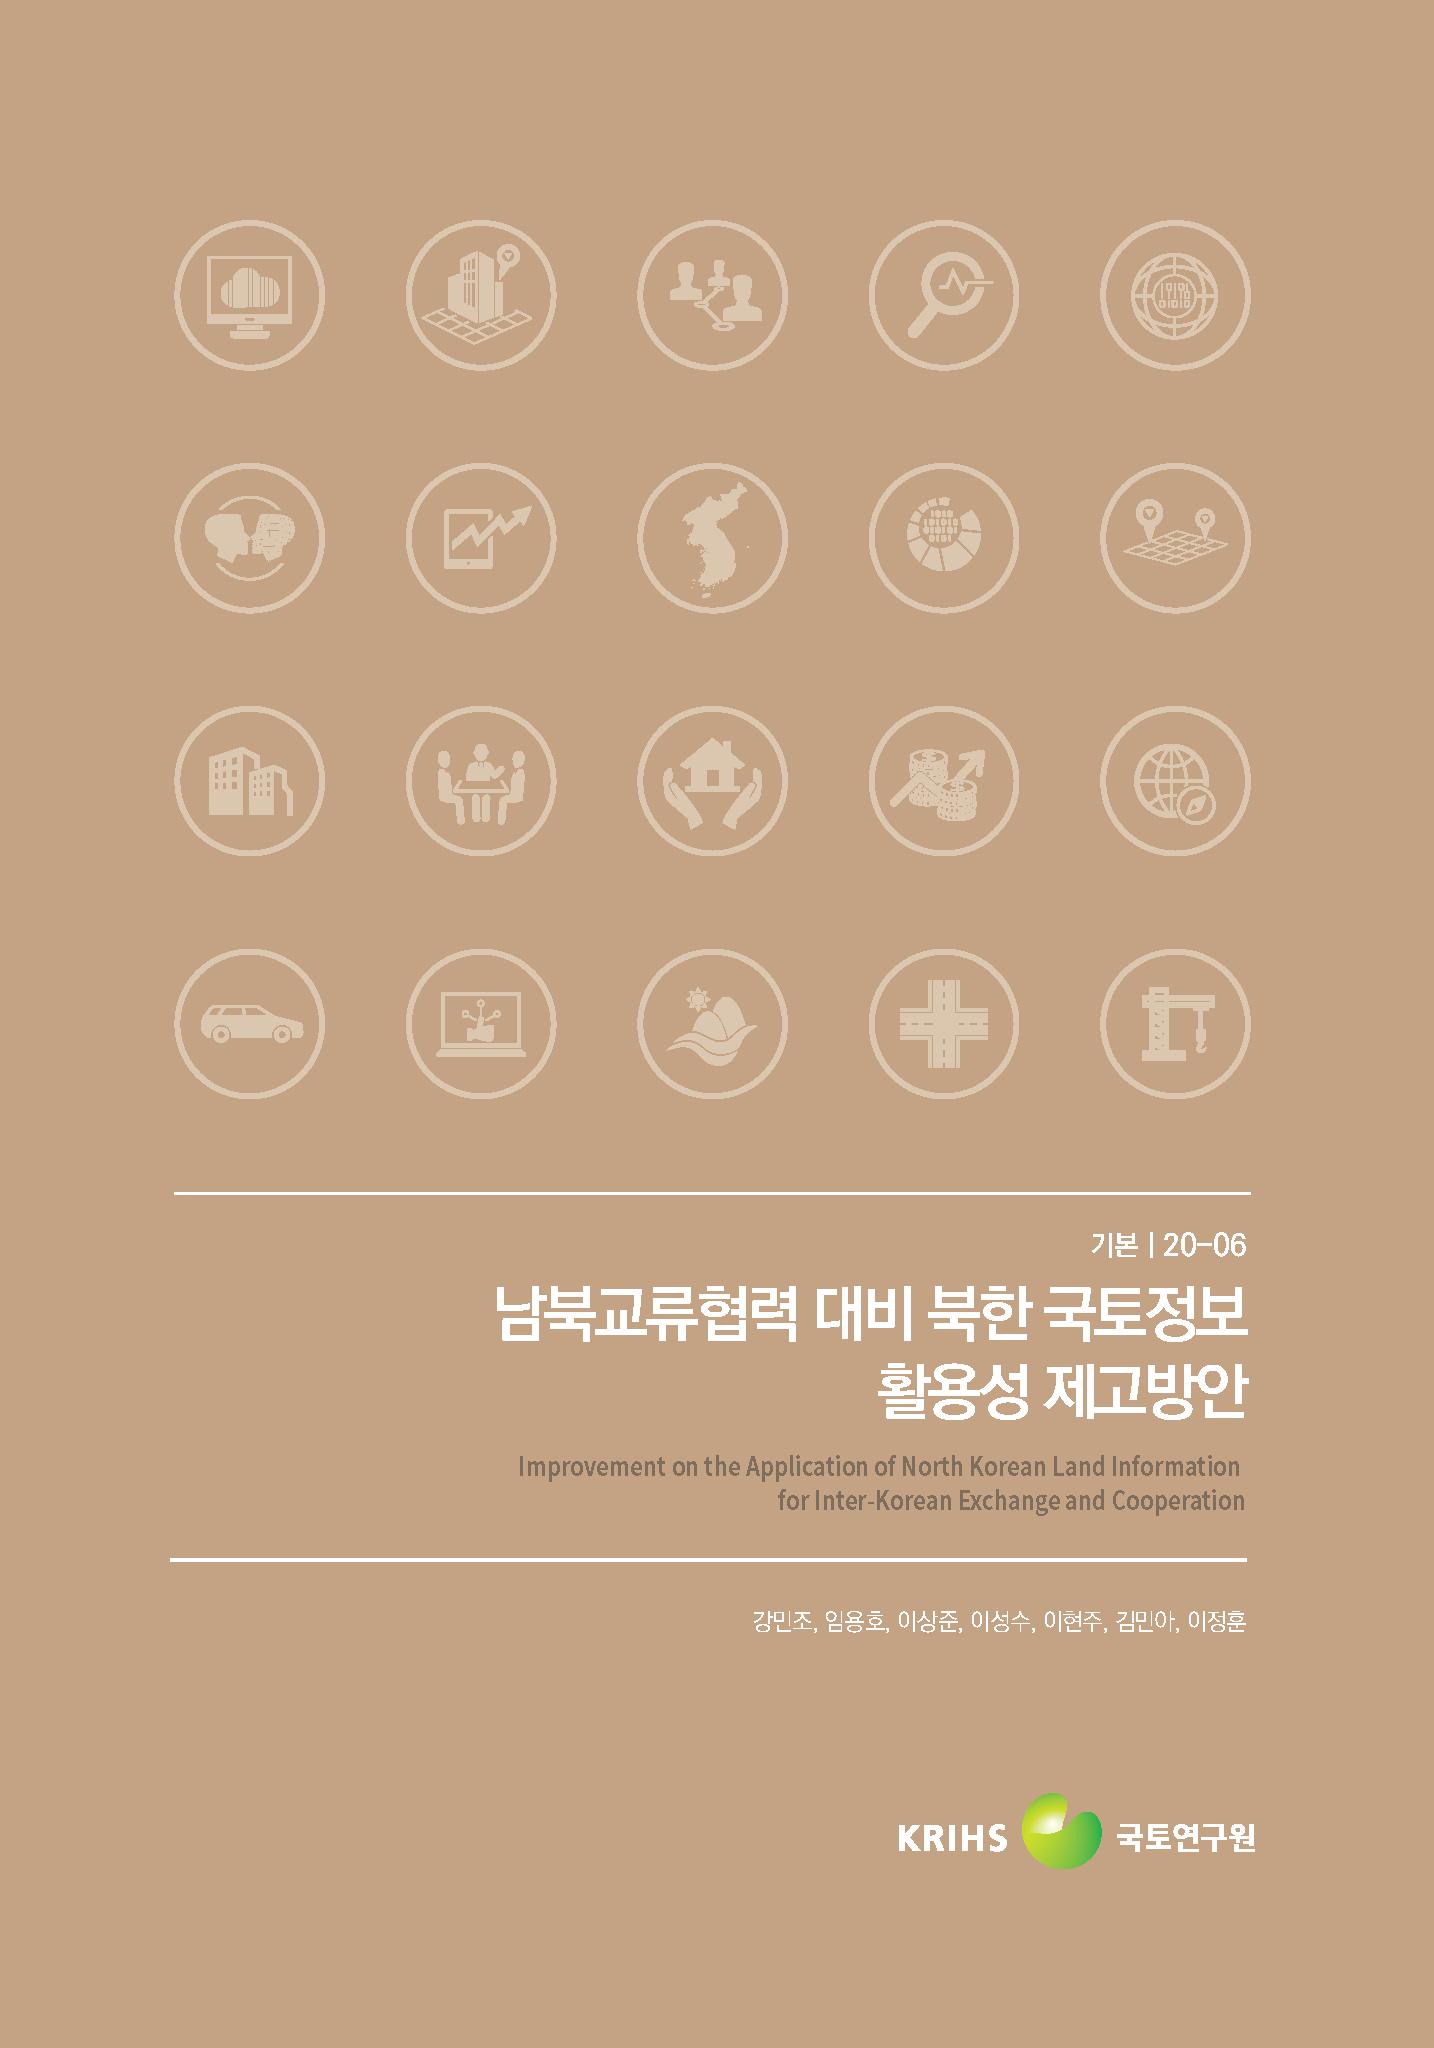 남북교류협력 대비 북한 국토정보 활용성 제고방안